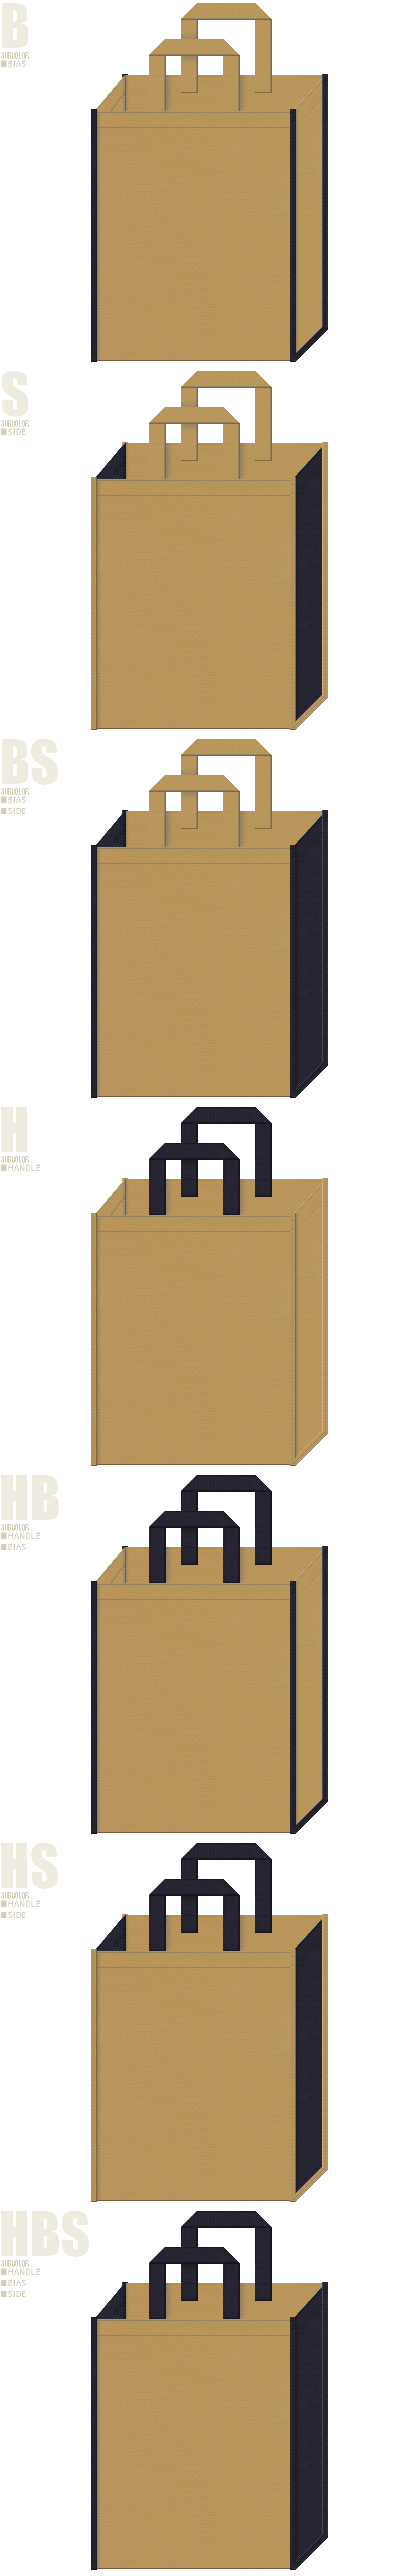 カジュアルなイメージお奨めの不織布バッグデザイン:金黄土色と濃紺色の不織布バッグ配色7パターン。